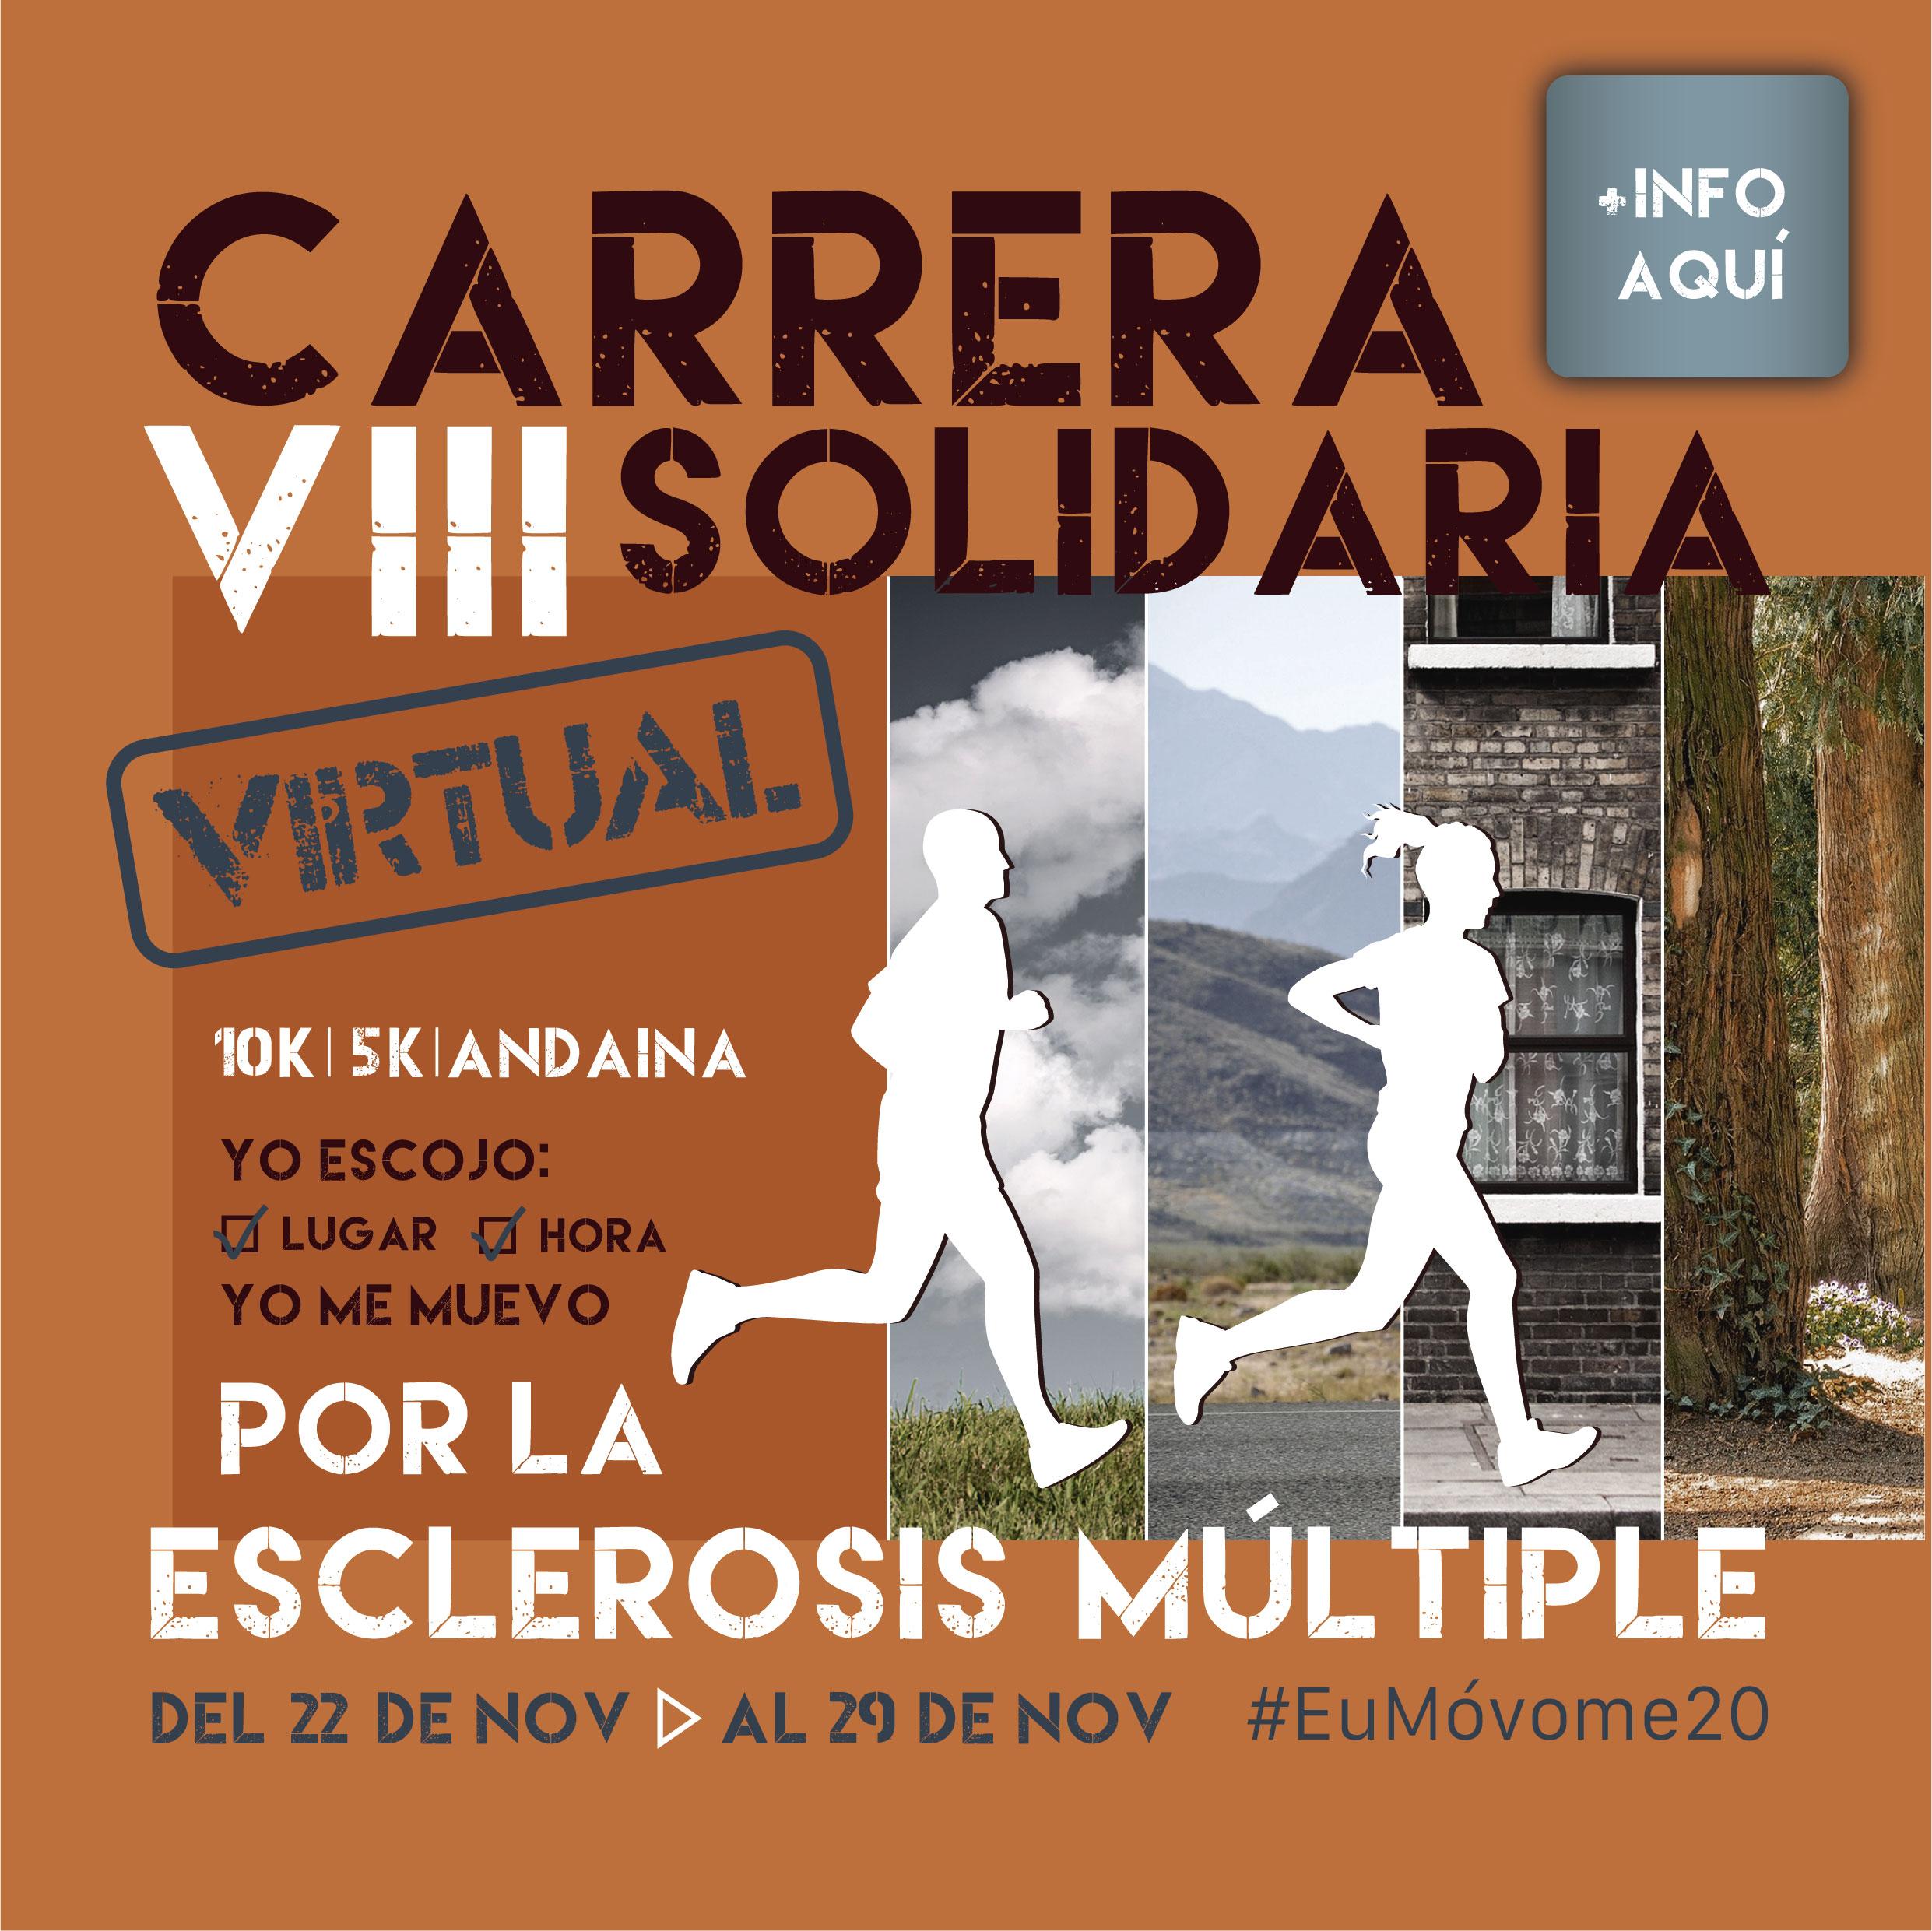 VIII Carrera Solidaria por la Esclerosis Múltiple - Eu Móvome - VIRTUAL